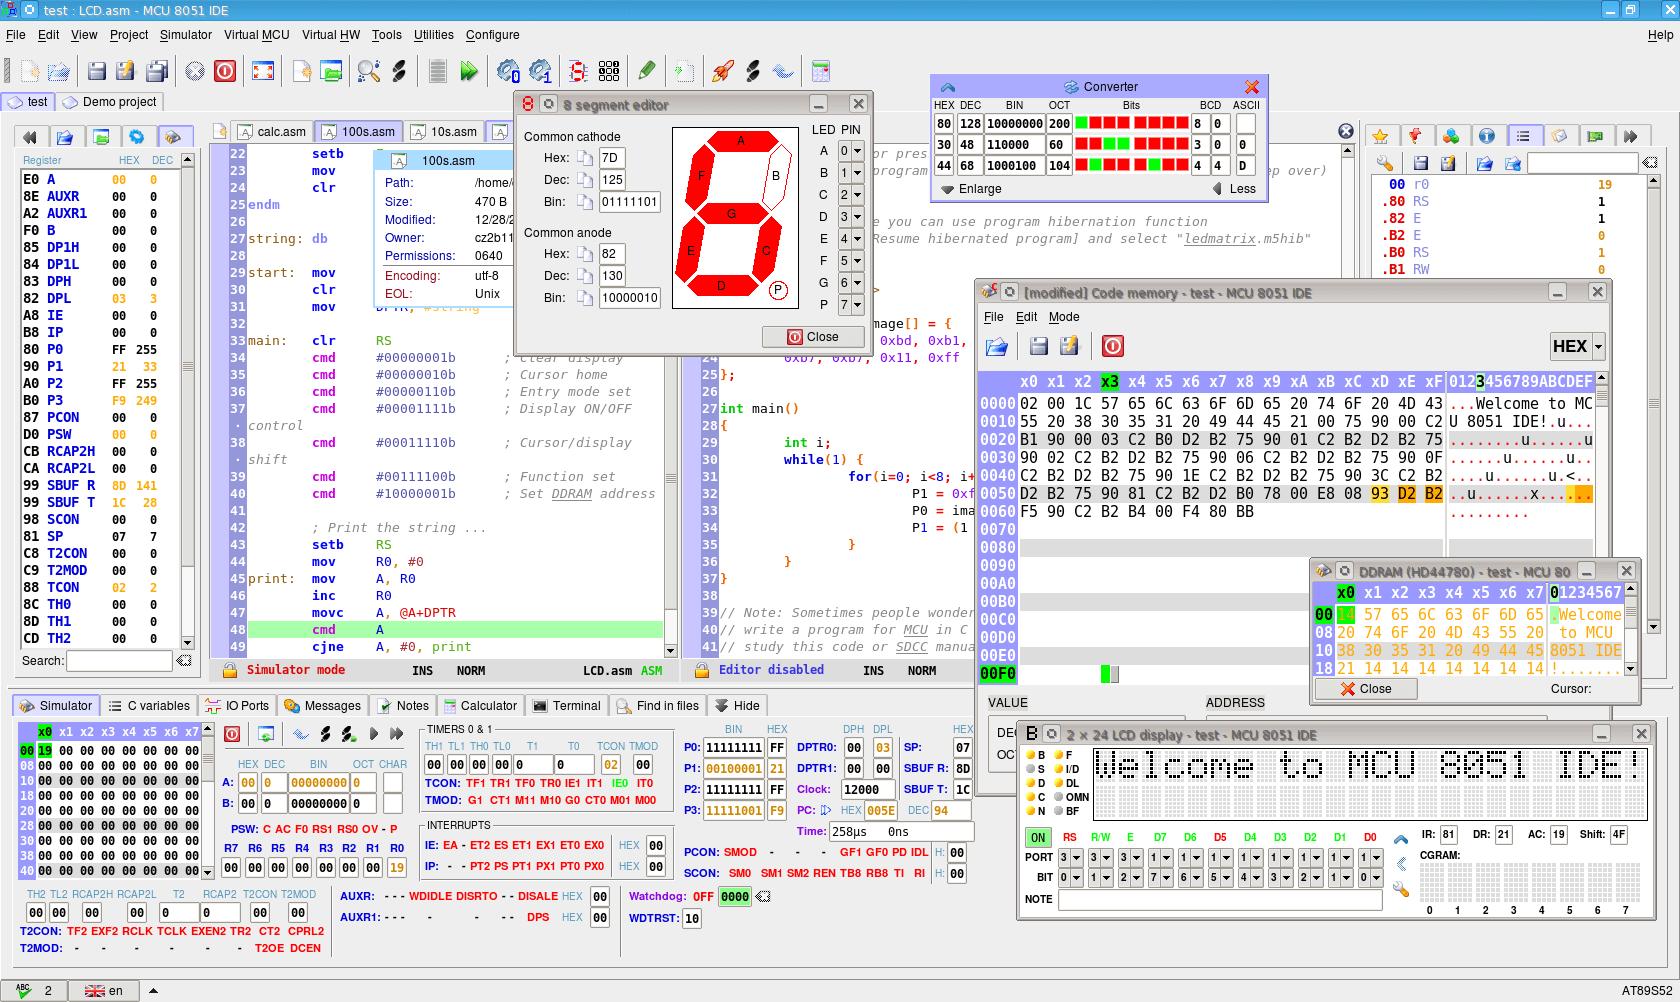 mcu8051